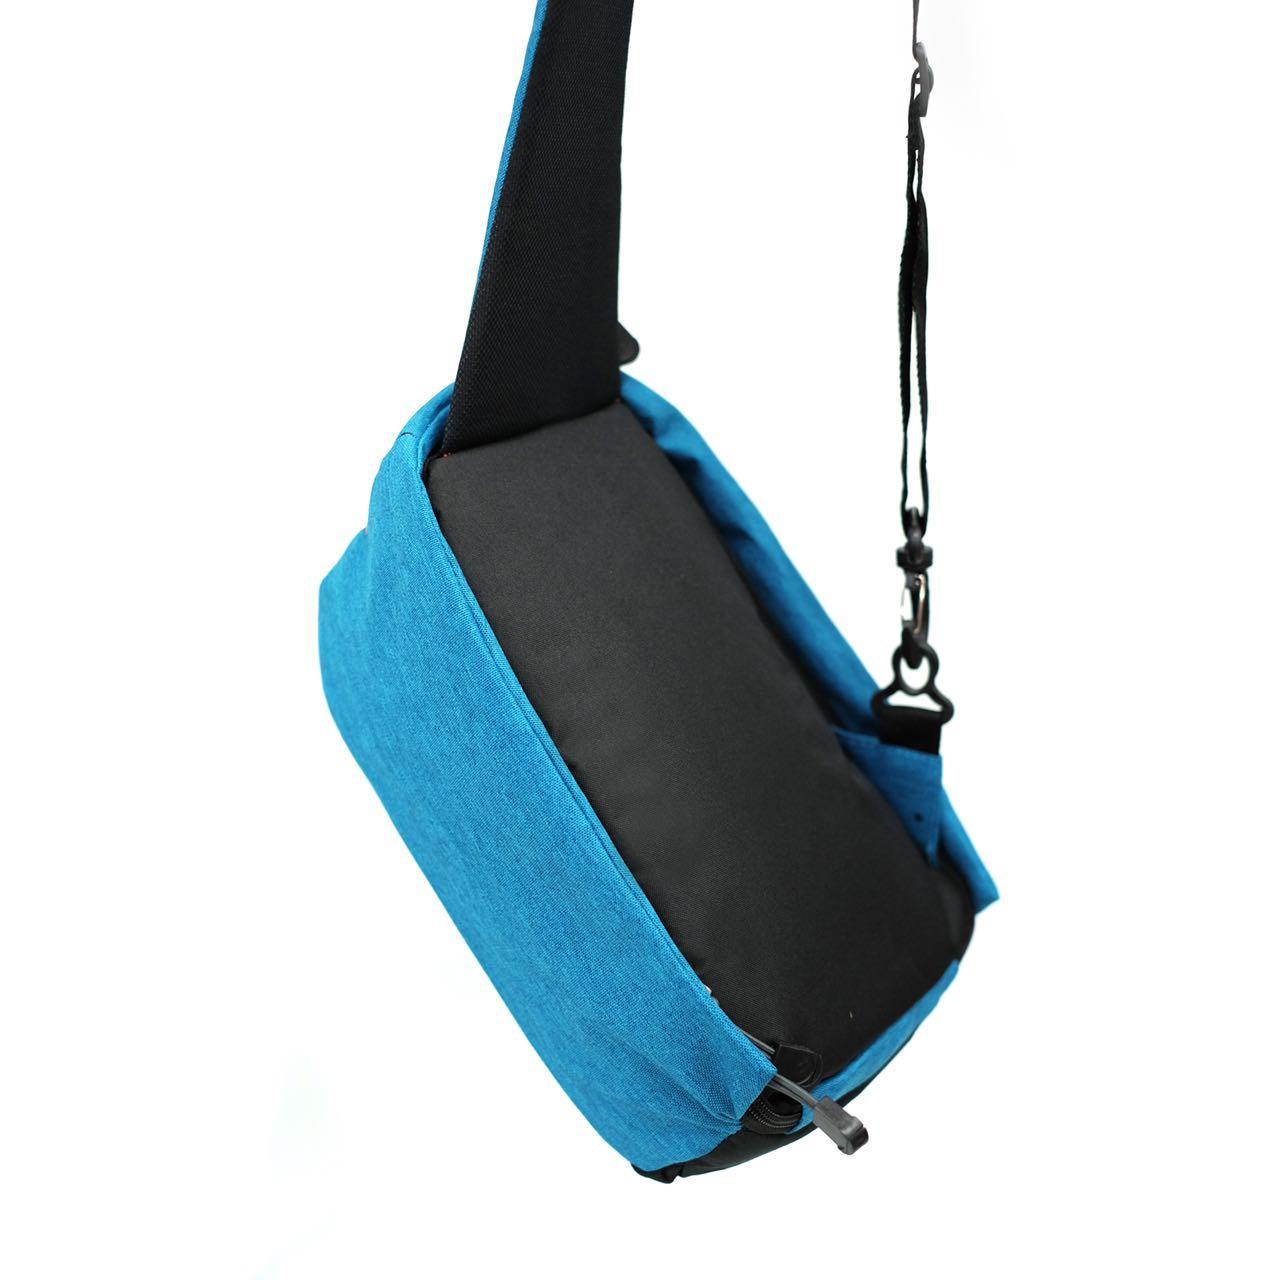 Kelebihan Key Bag Tas Selempang Anti Maling Pria Slingbag Air Terbaru Blue